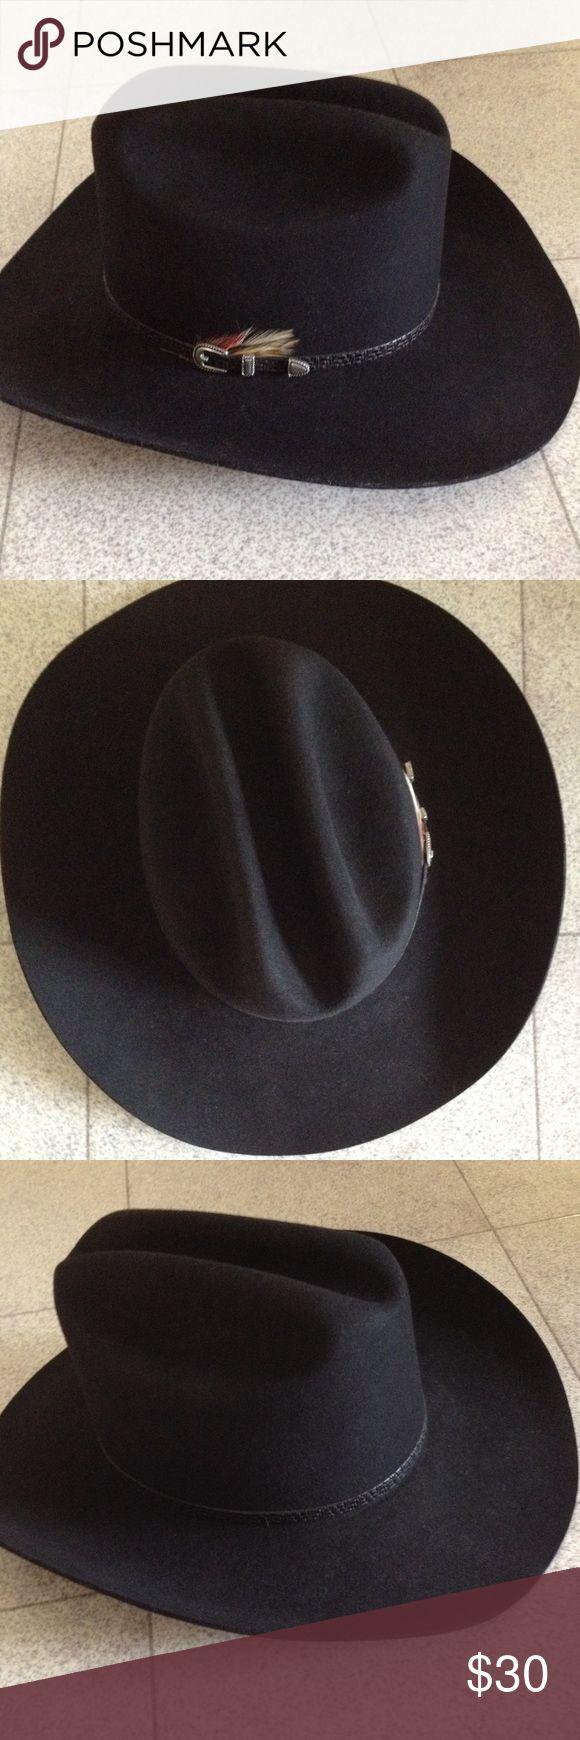 """Bronco Black Wool Western Cowboy Hat 100% Virgin Wool. 5"""" crown. Lined. Gently worn. Bronco Mister Felt Accessories Hats"""